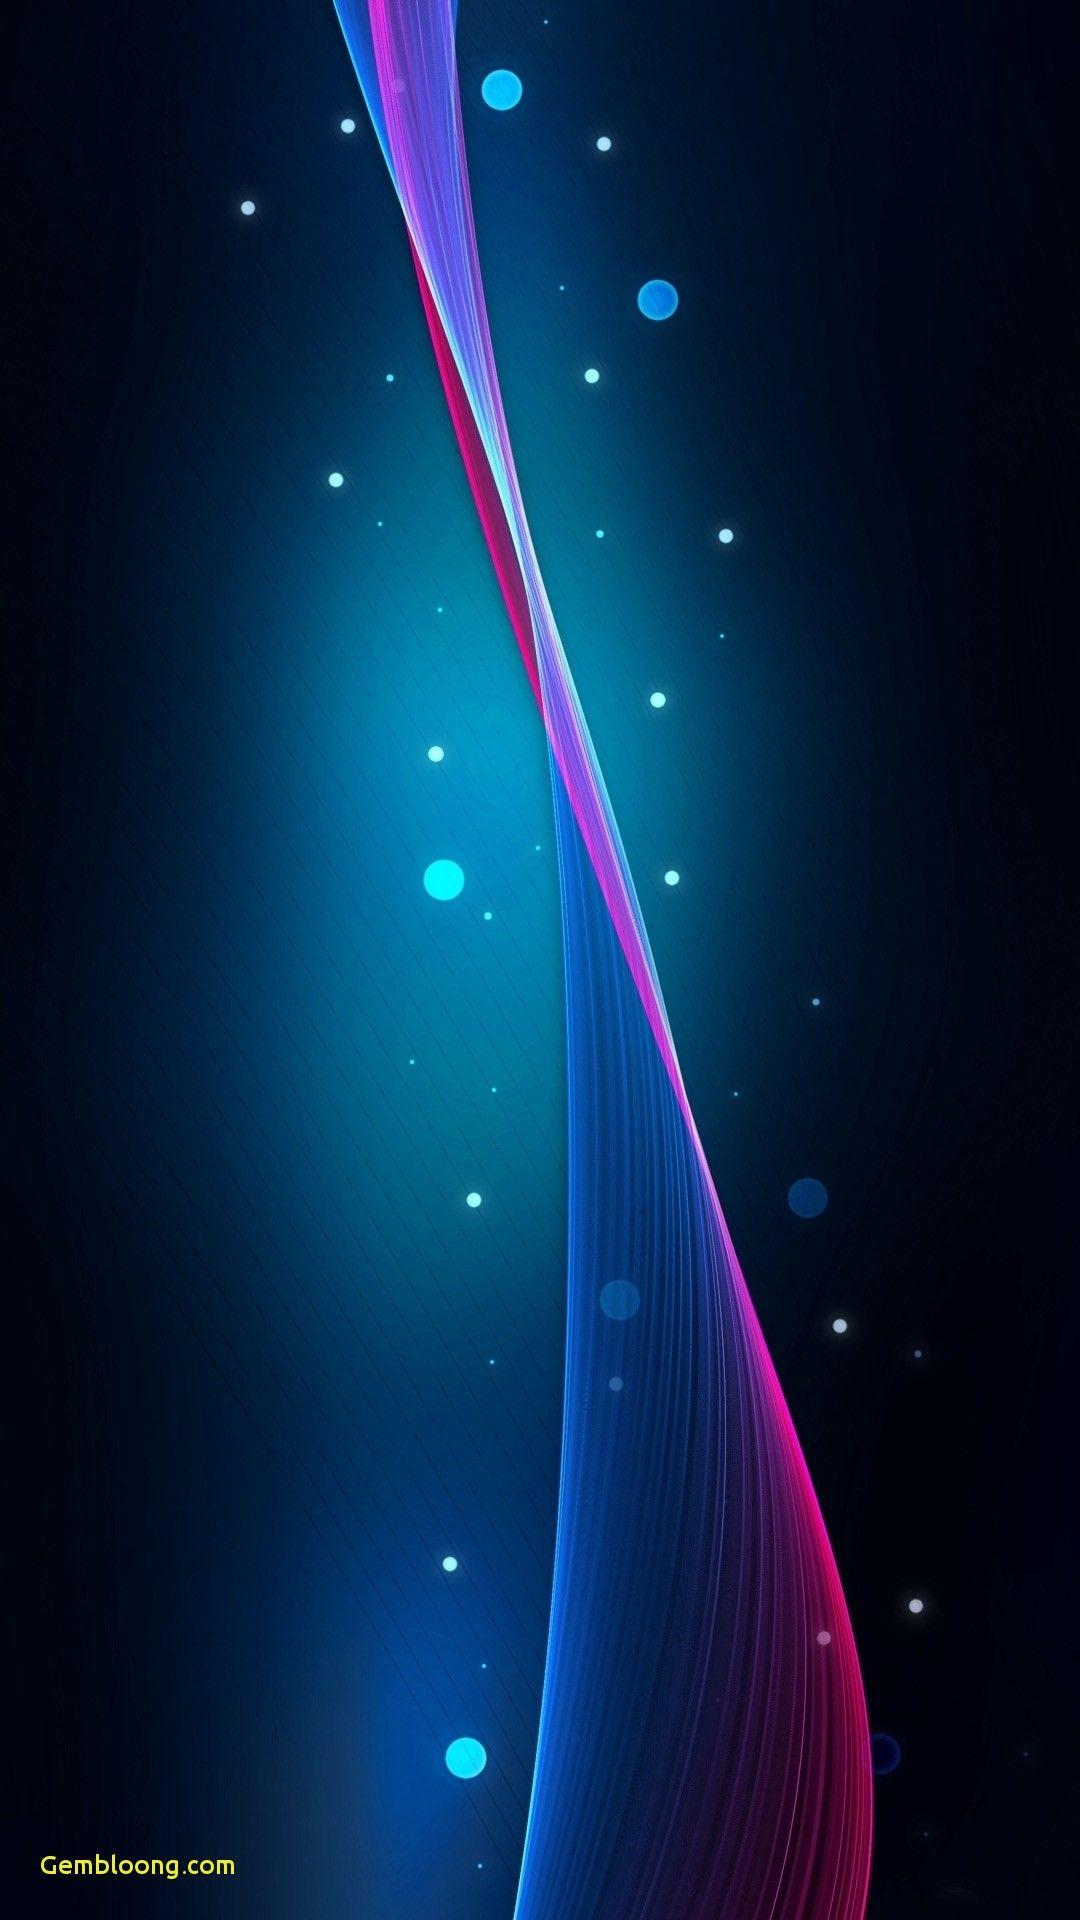 Download 86 Koleksi Wallpaper Hp Samsung J5 HD Terbaik